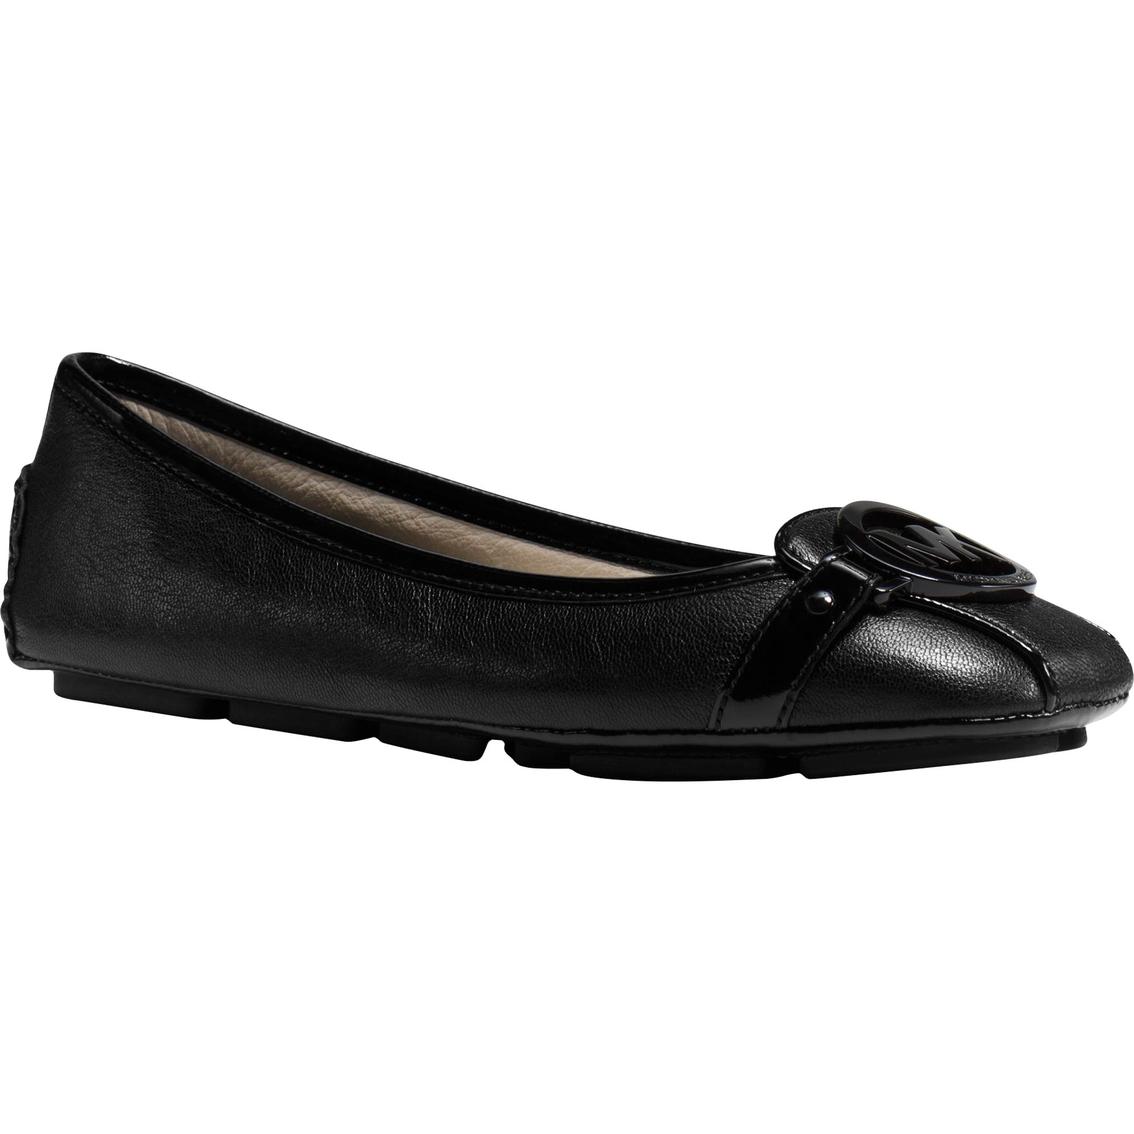 Michael Kors Fulton Mocs   Shoes   Shop